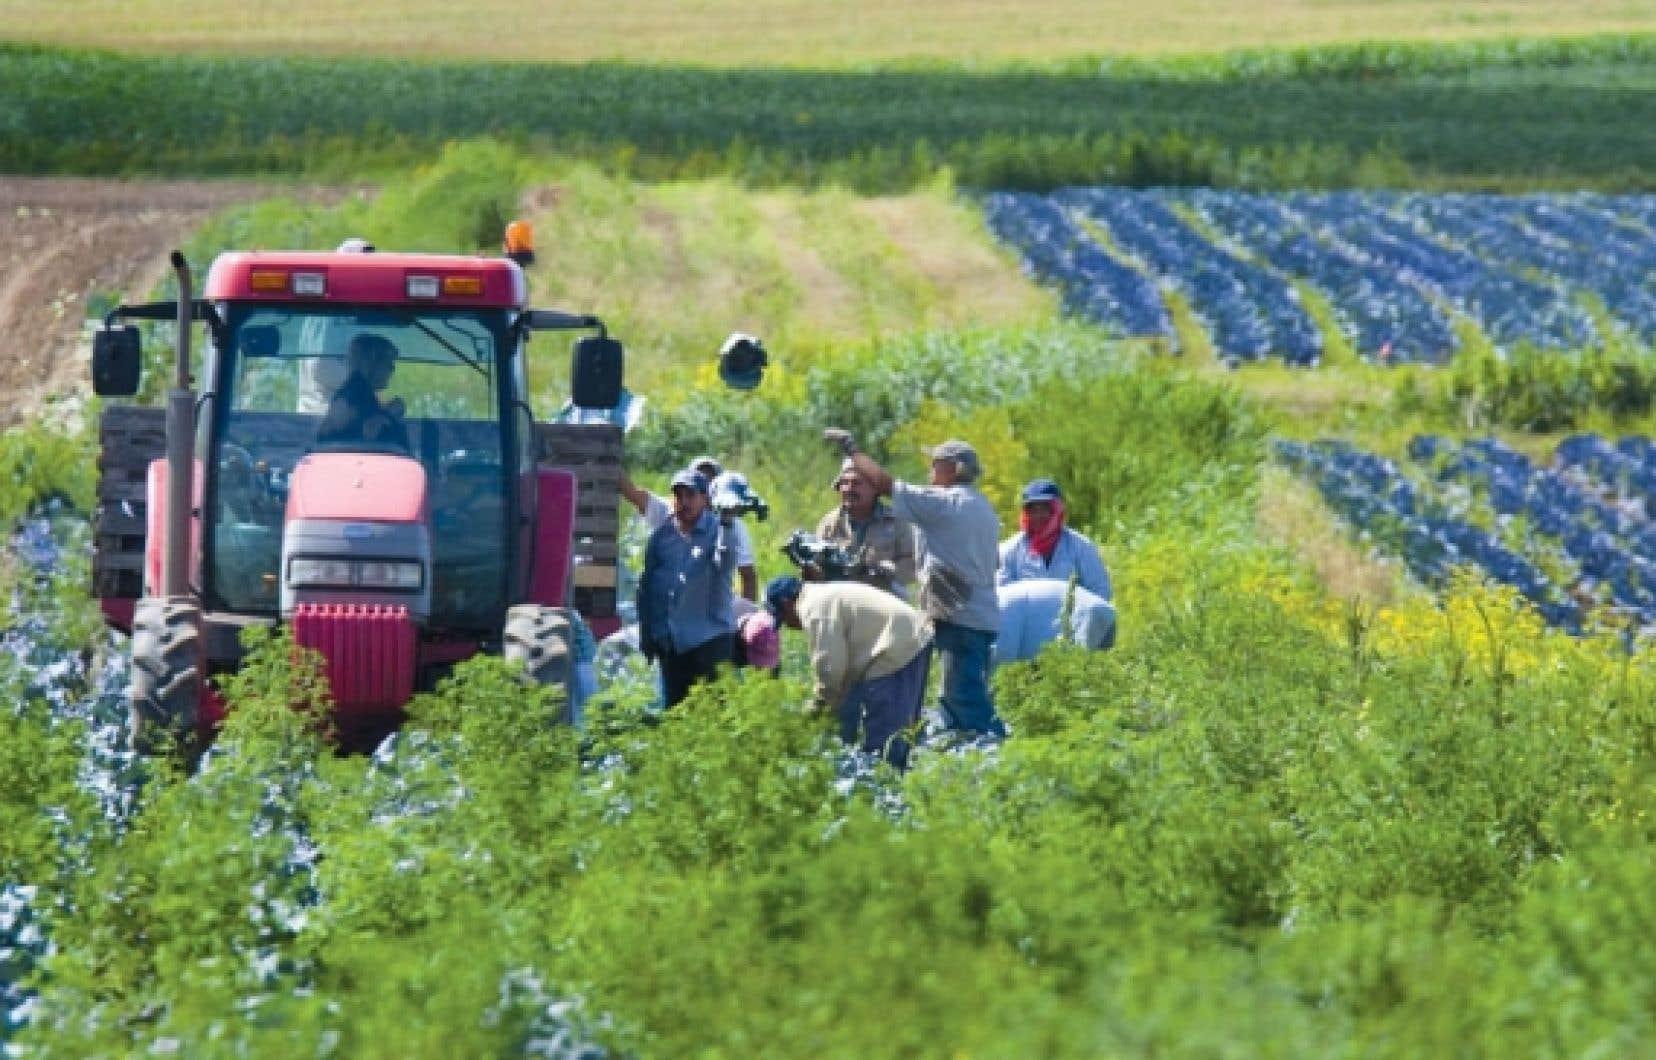 Le Canada a accueilli 31 000 travailleurs étrangers agricoles et laboureurs l'an dernier .